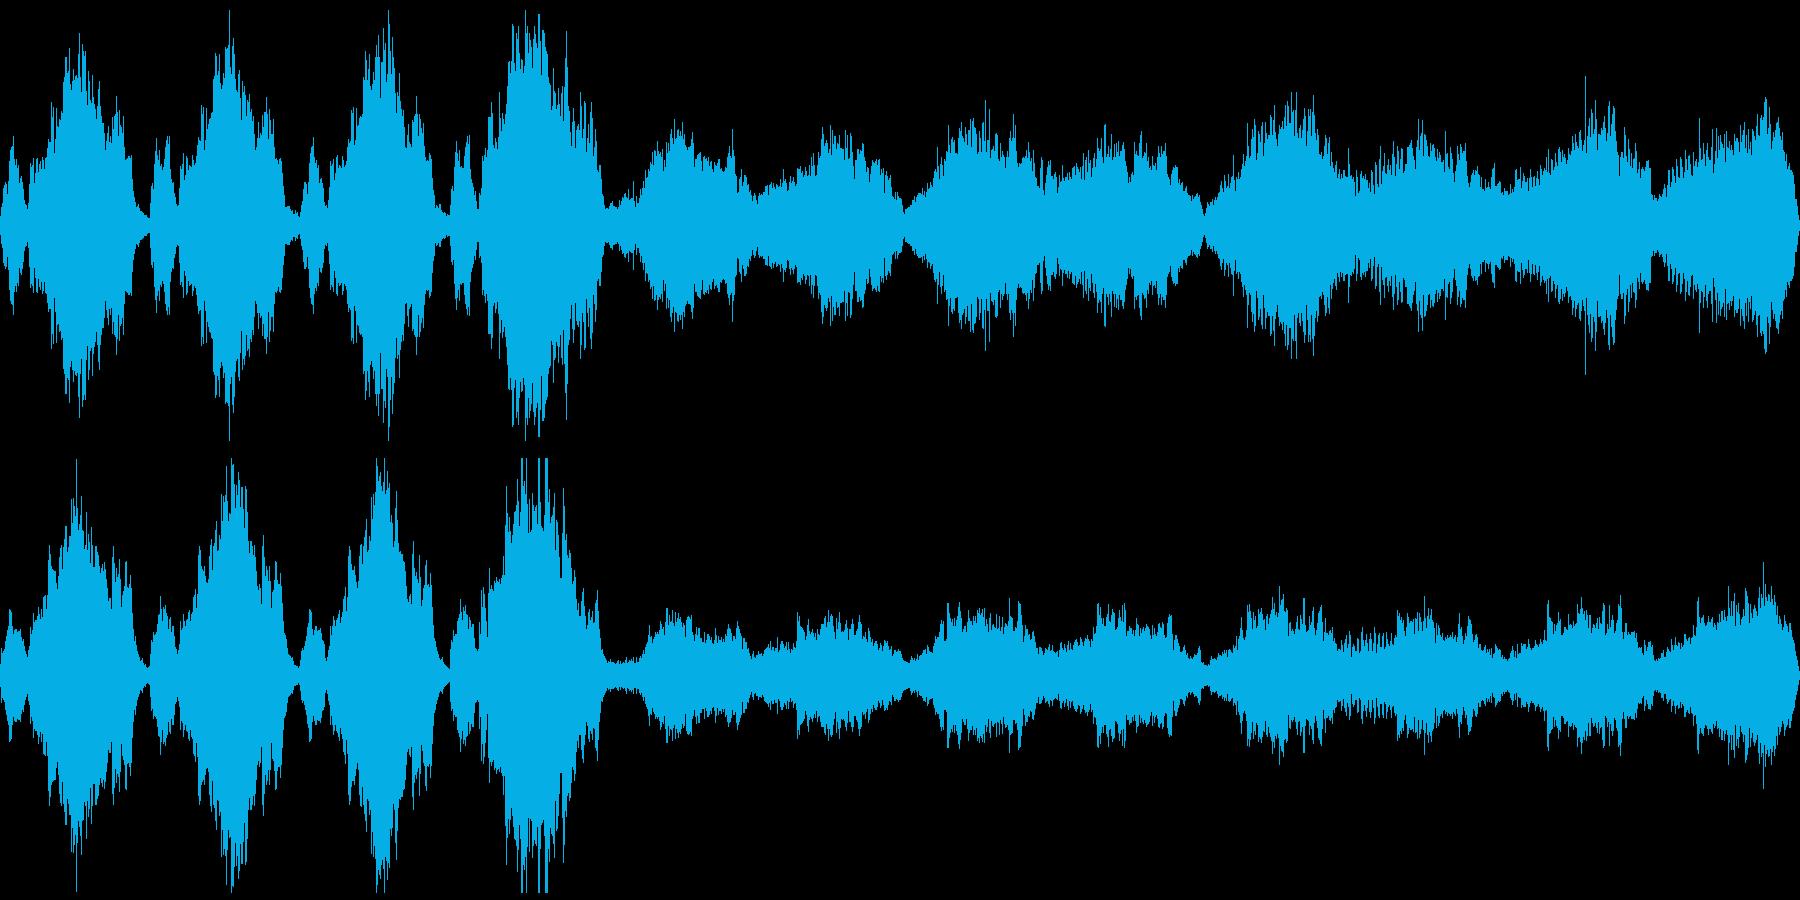 これから何かがはじまるような、勇壮な曲の再生済みの波形